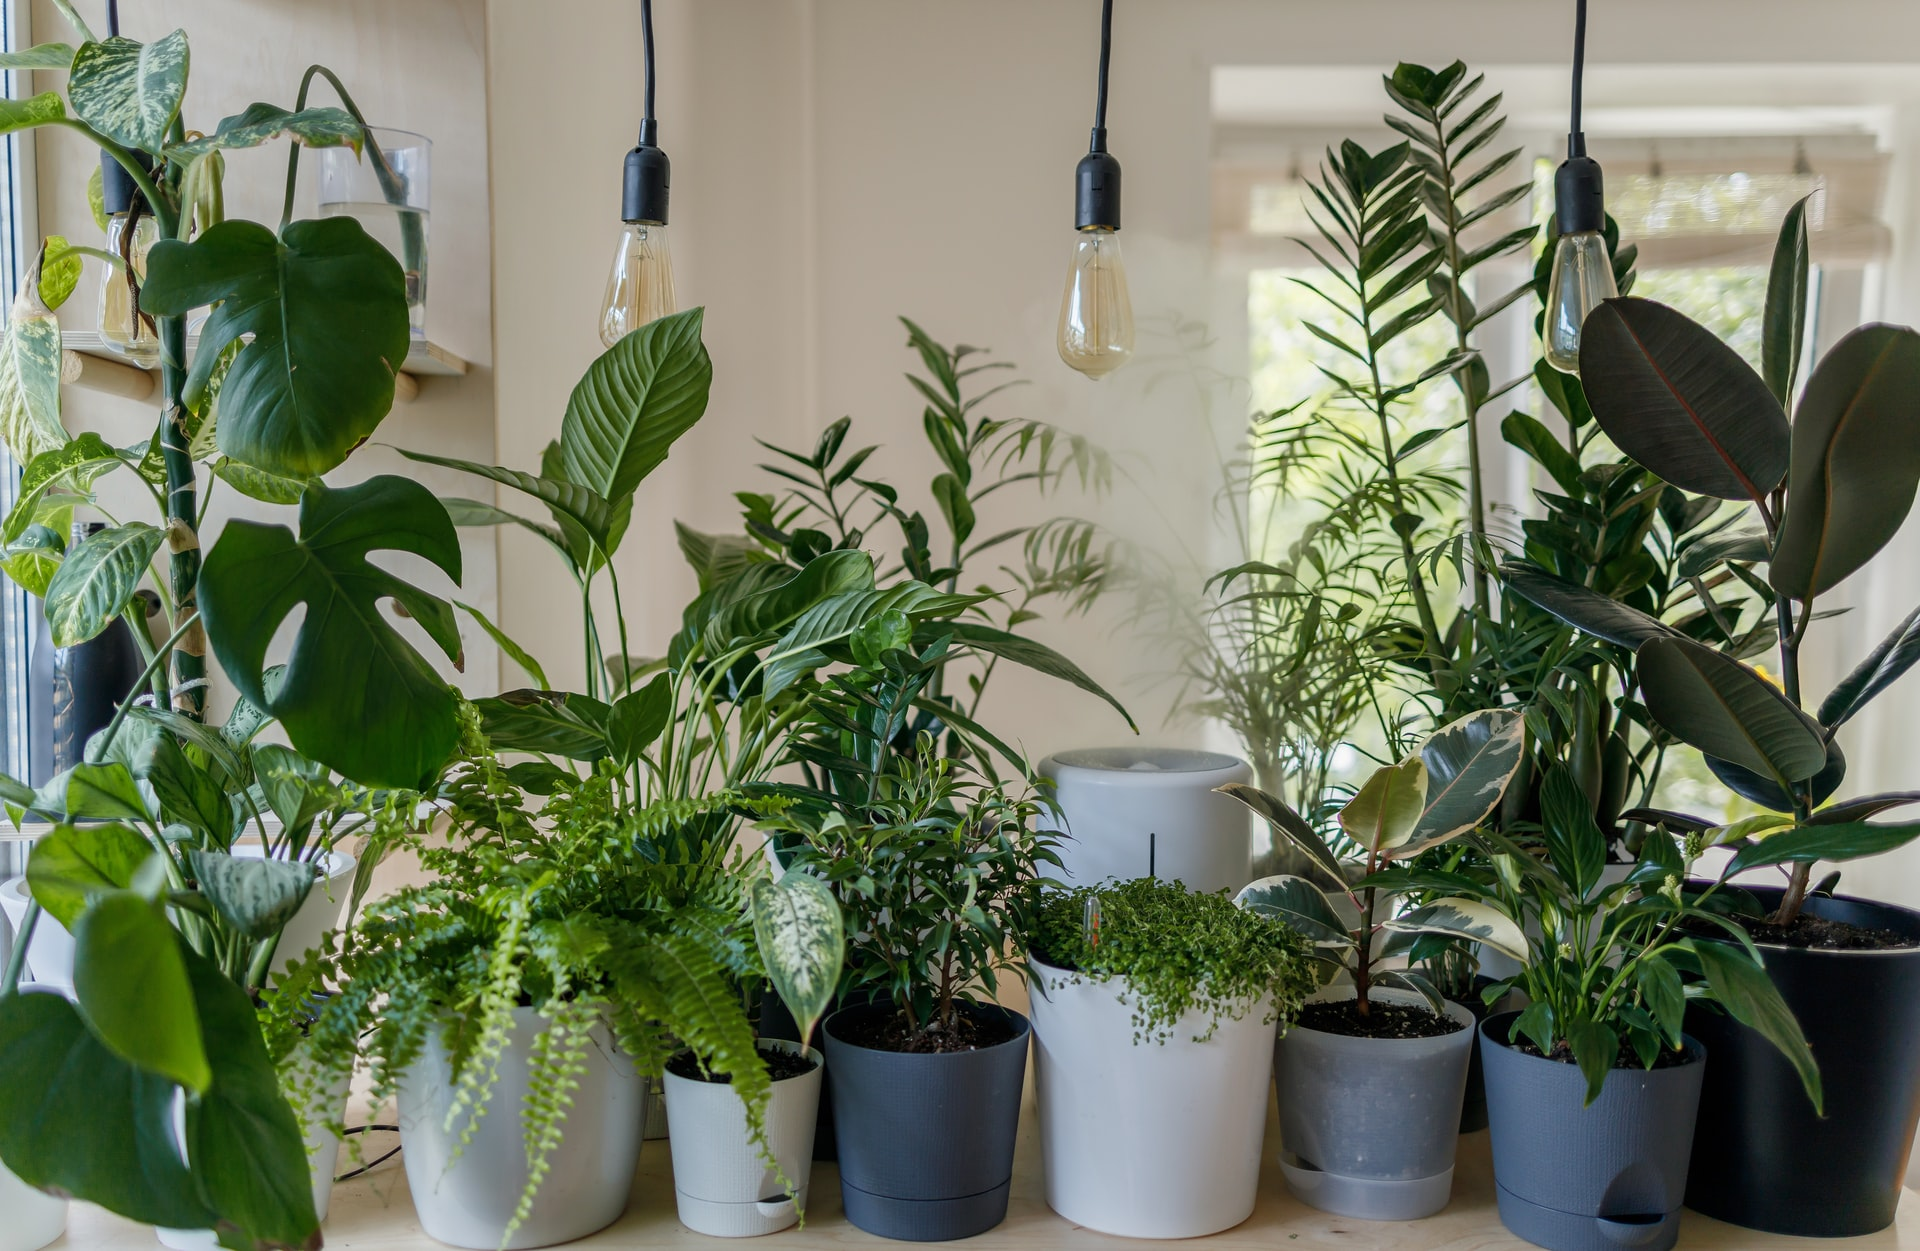 Plantas em vasos dentro de casa